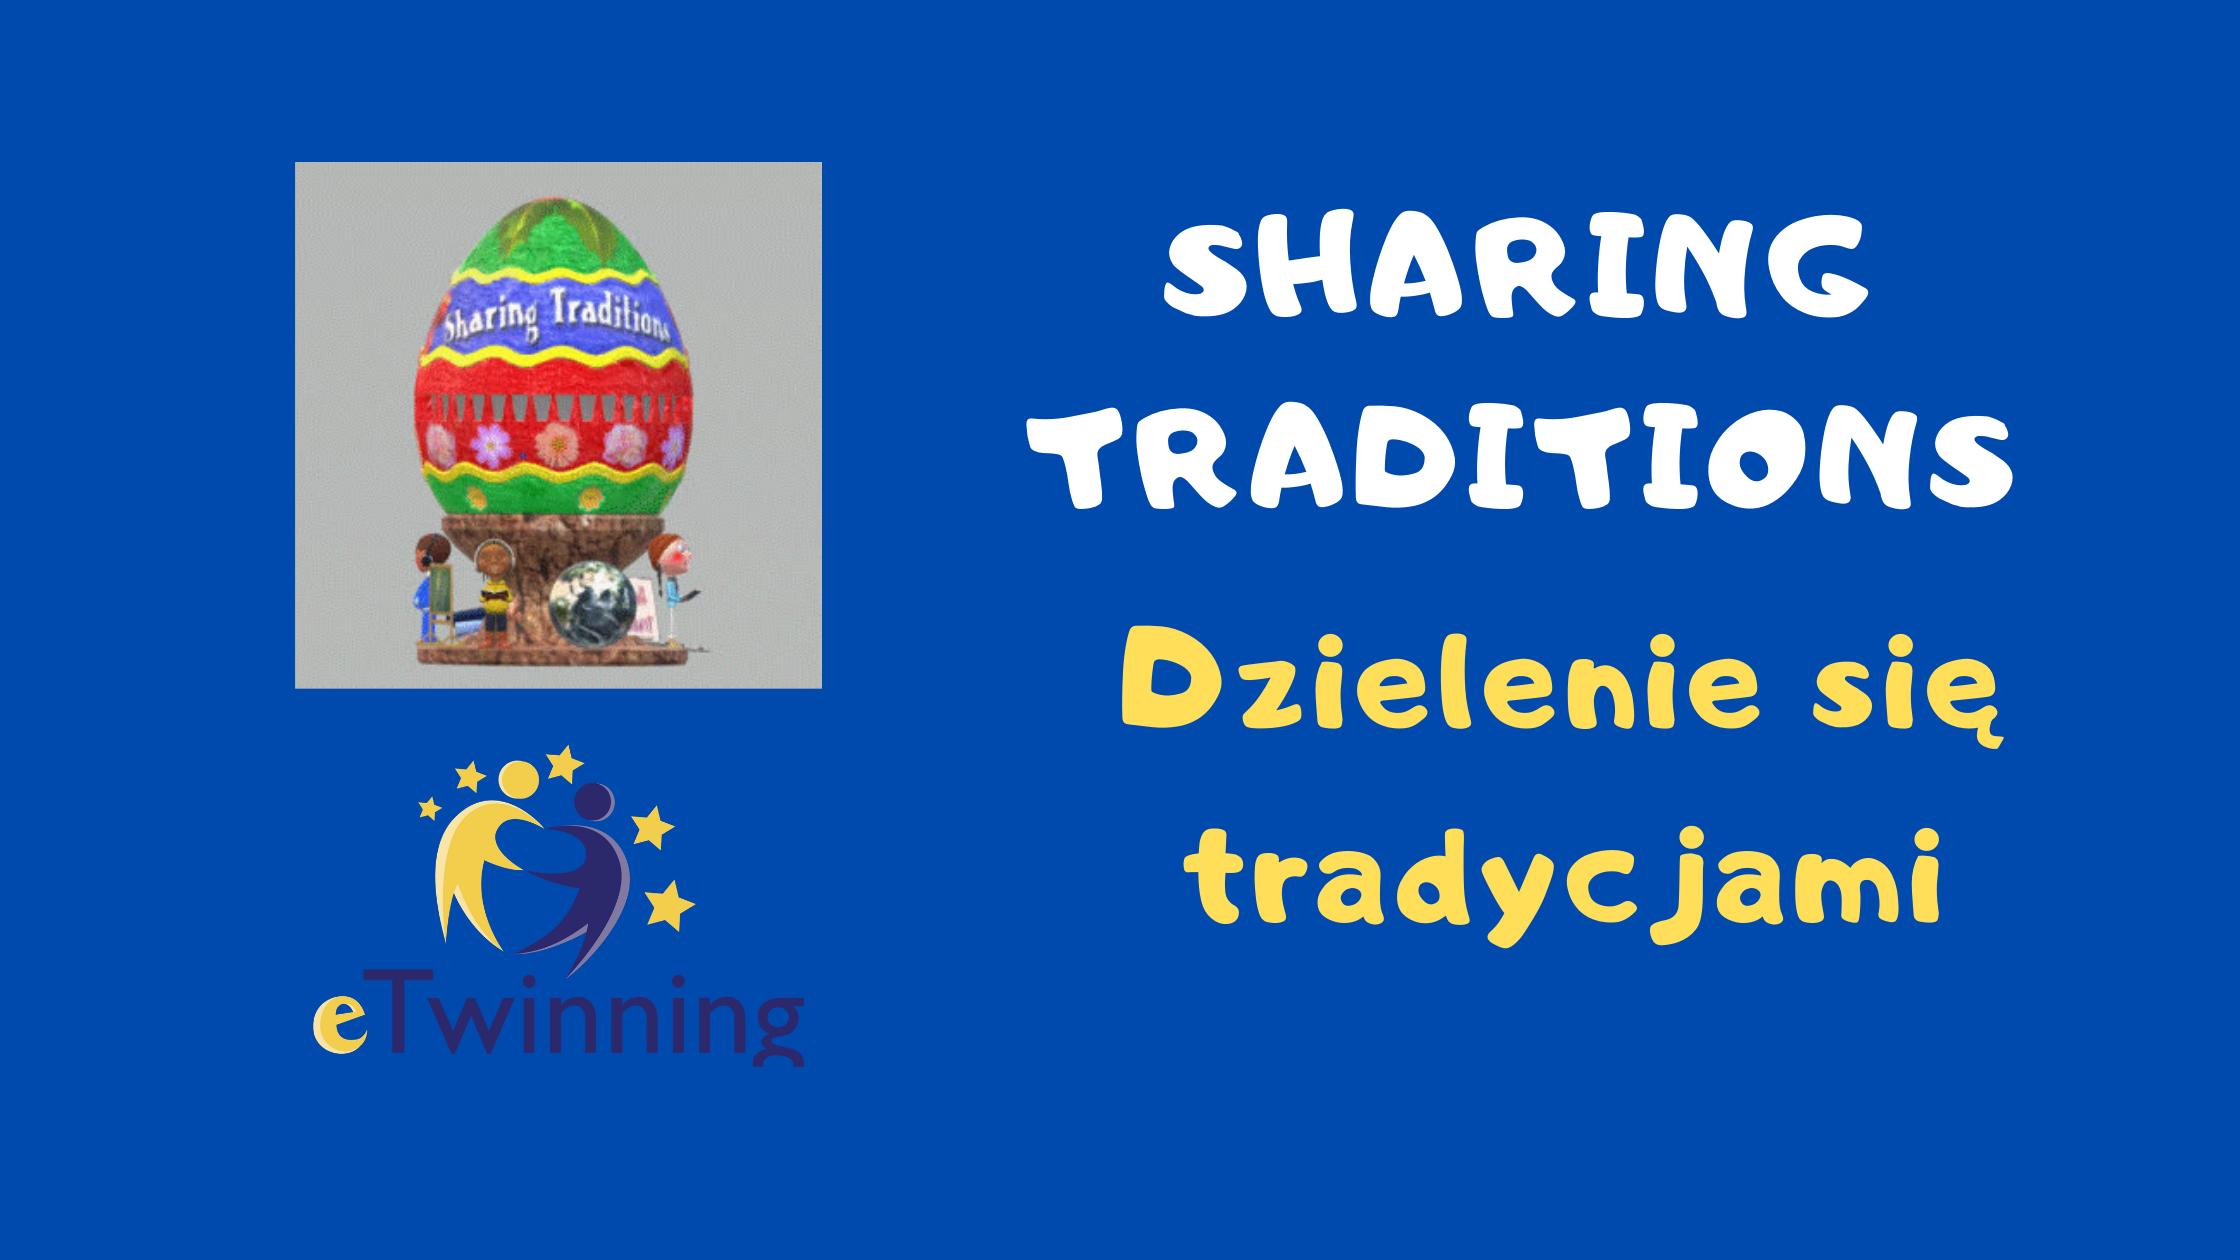 Dzielenie się tradycjami - Sharing traditions